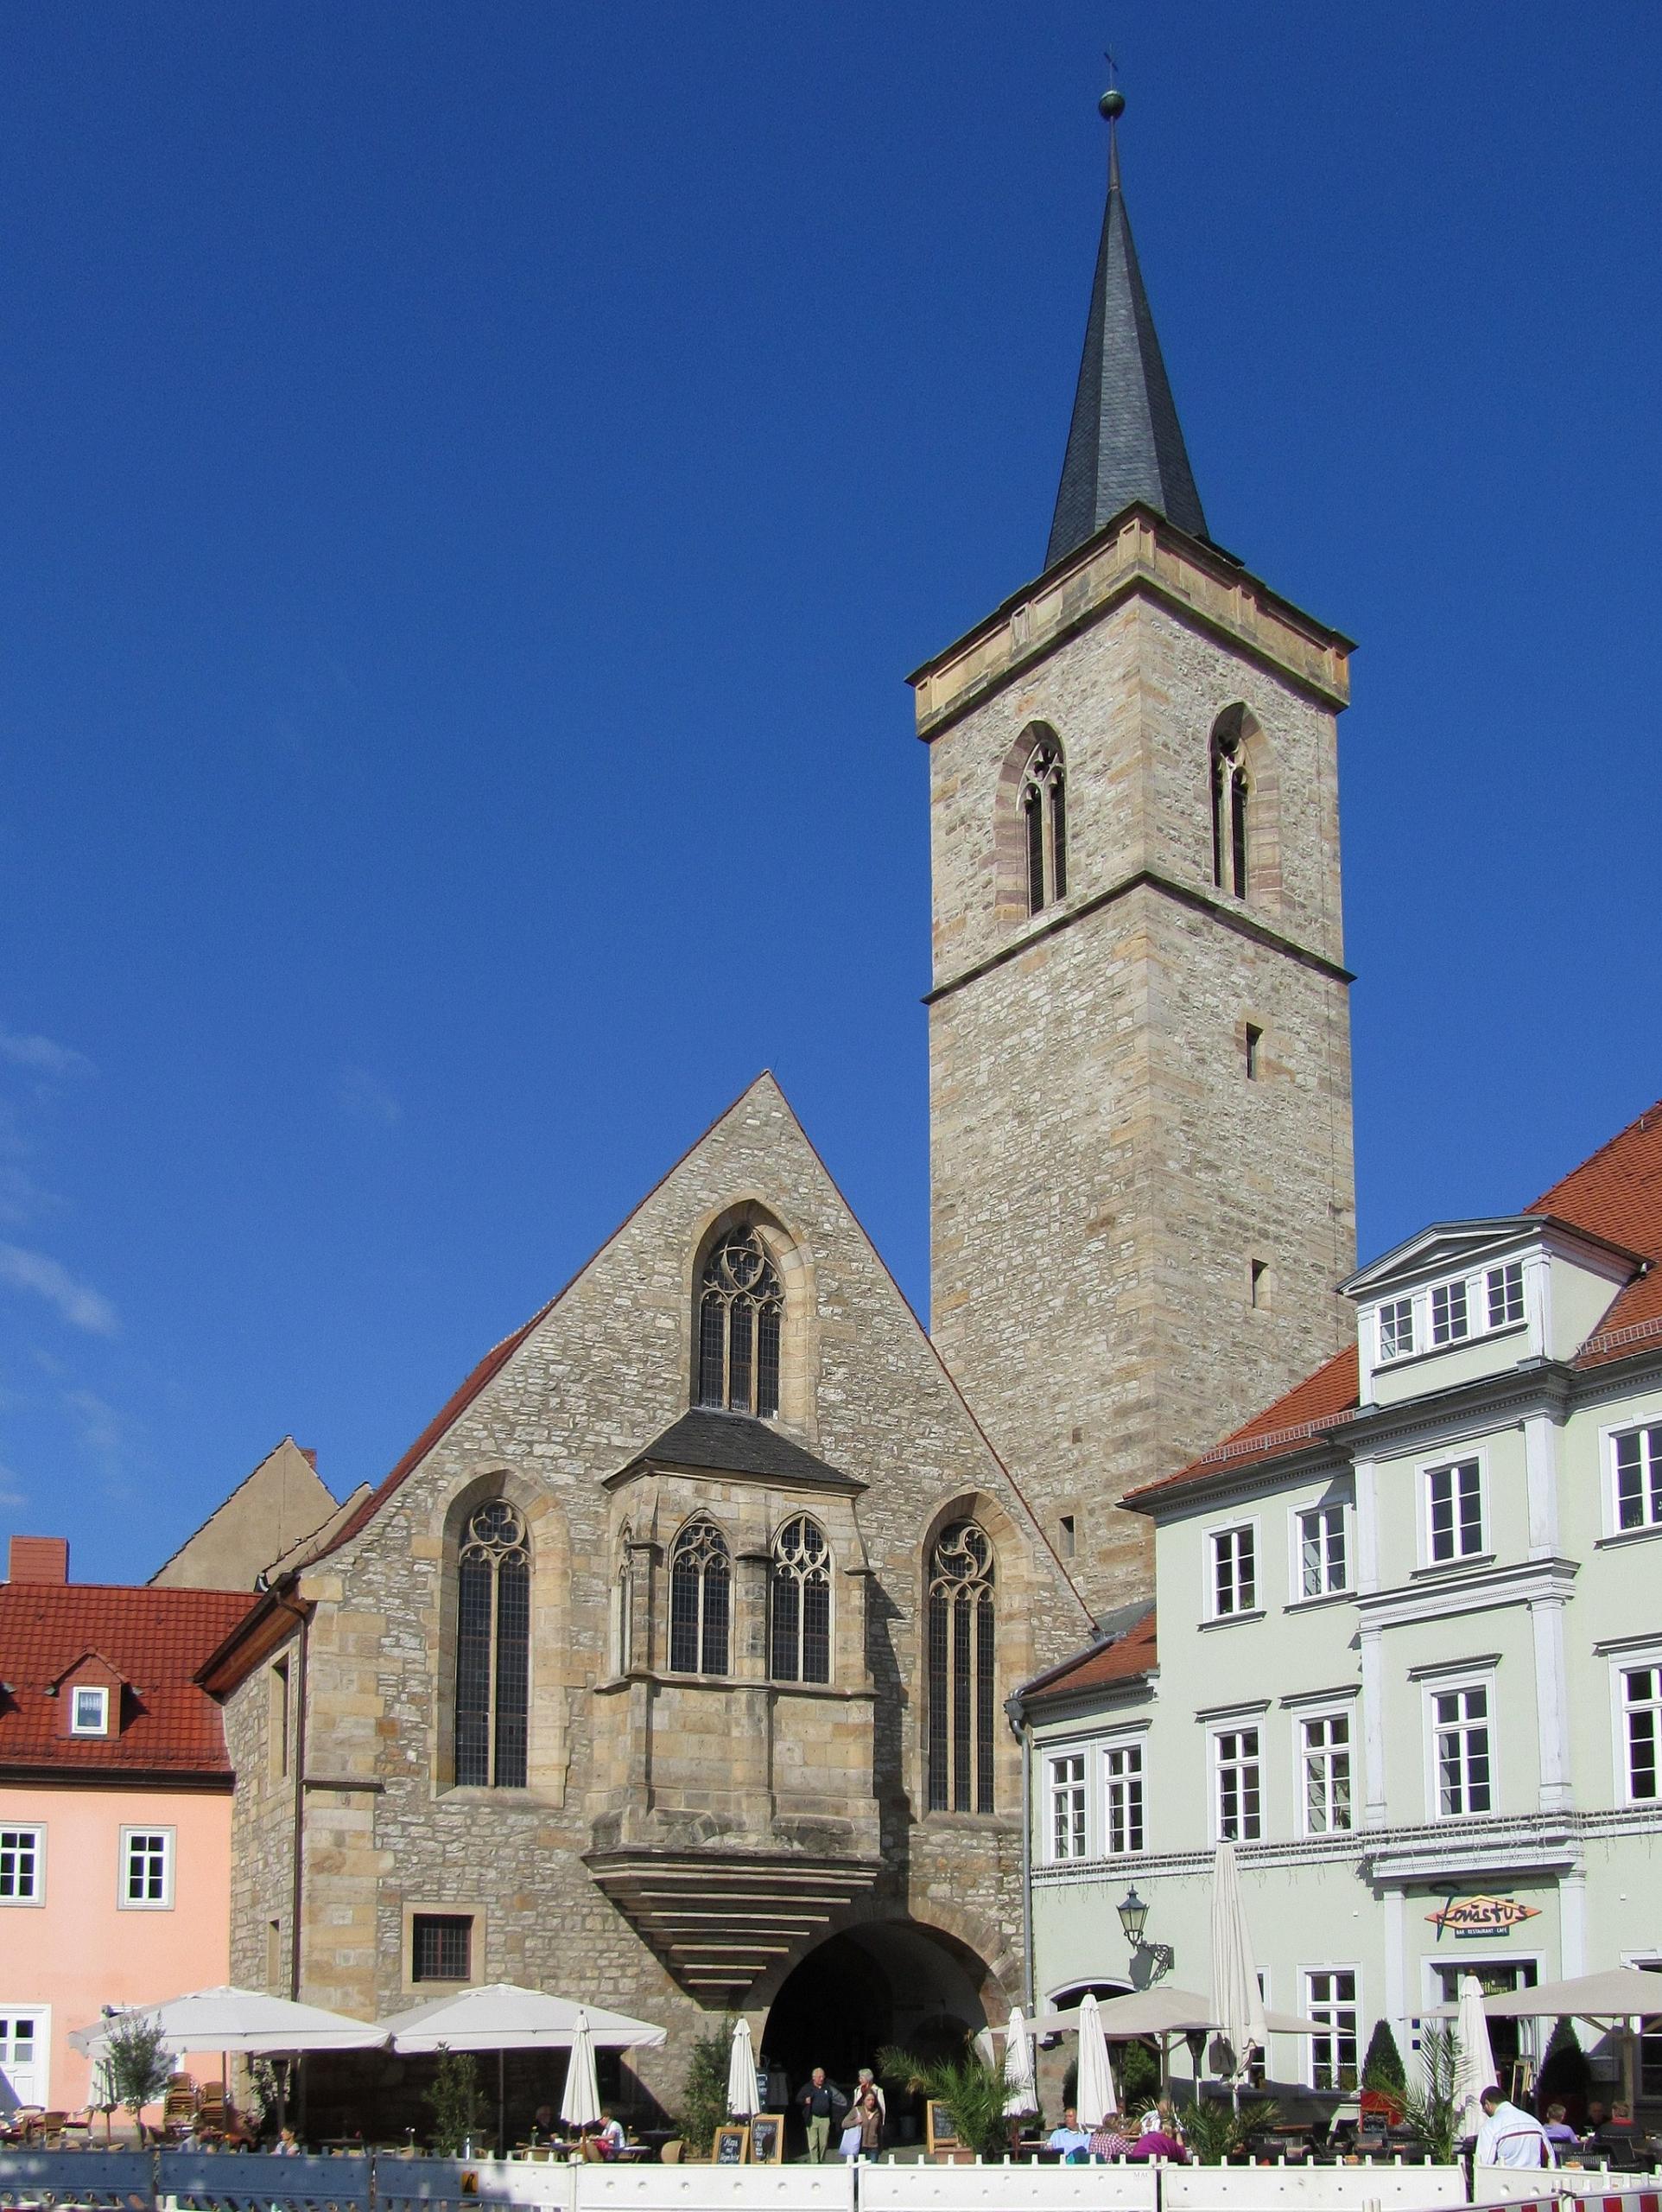 Das Bild zeigt die Ägidienkirche in Erfurt